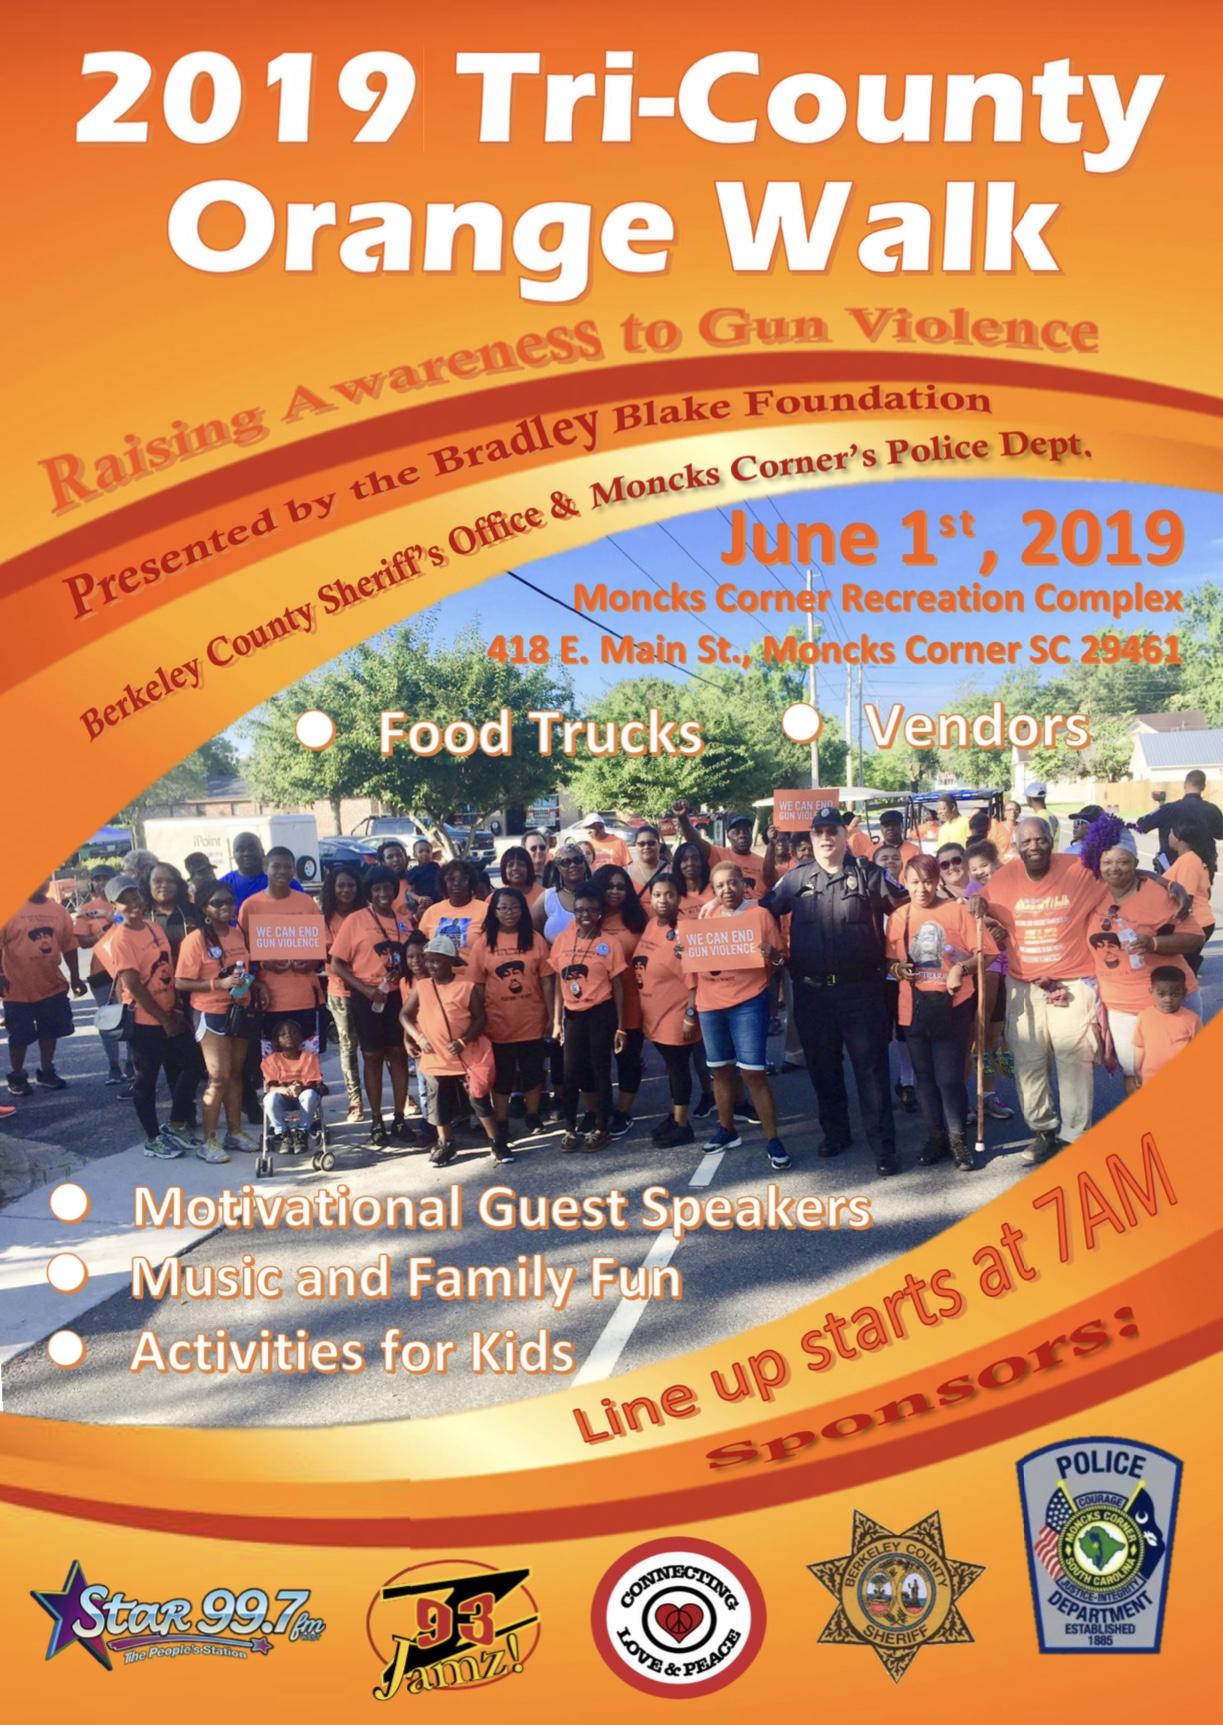 2019 Orange Walk Flyer